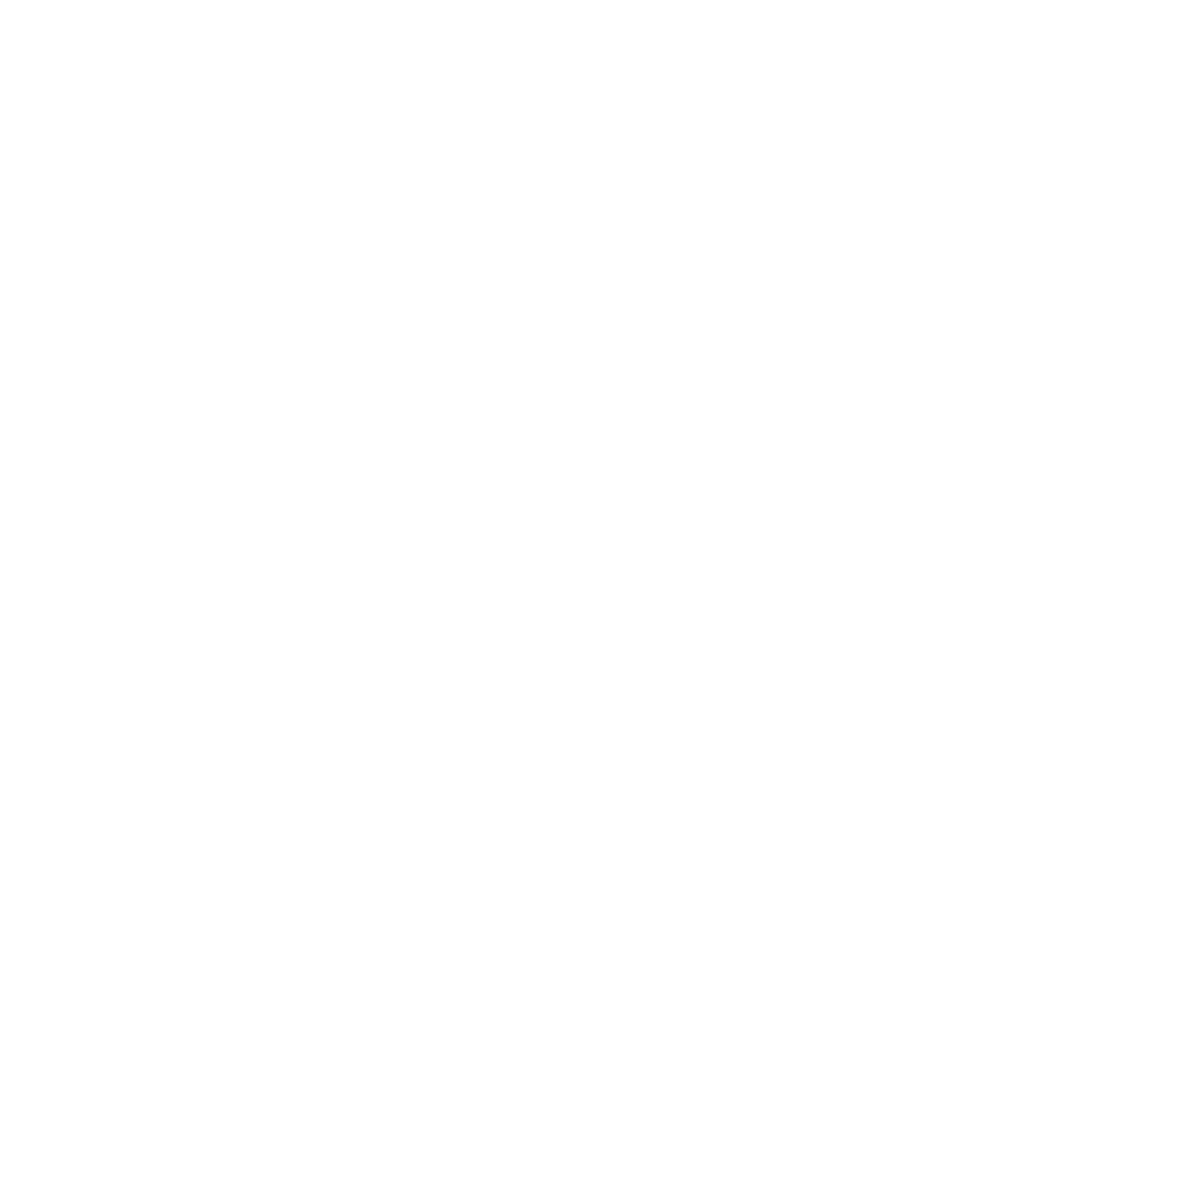 Apotheos logo